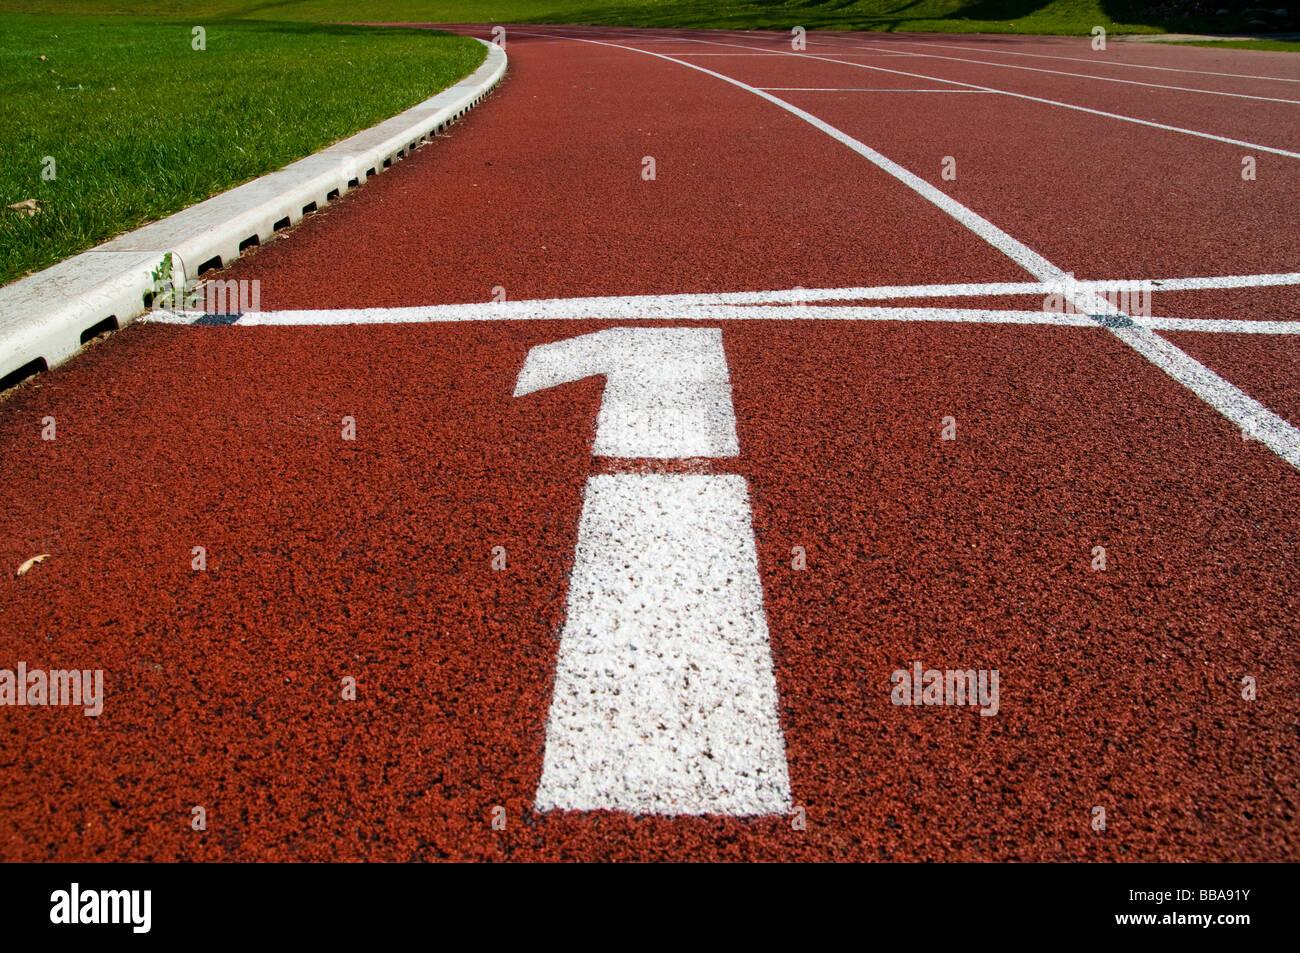 Ejecutando la pista número 1 en un estadio Imagen De Stock